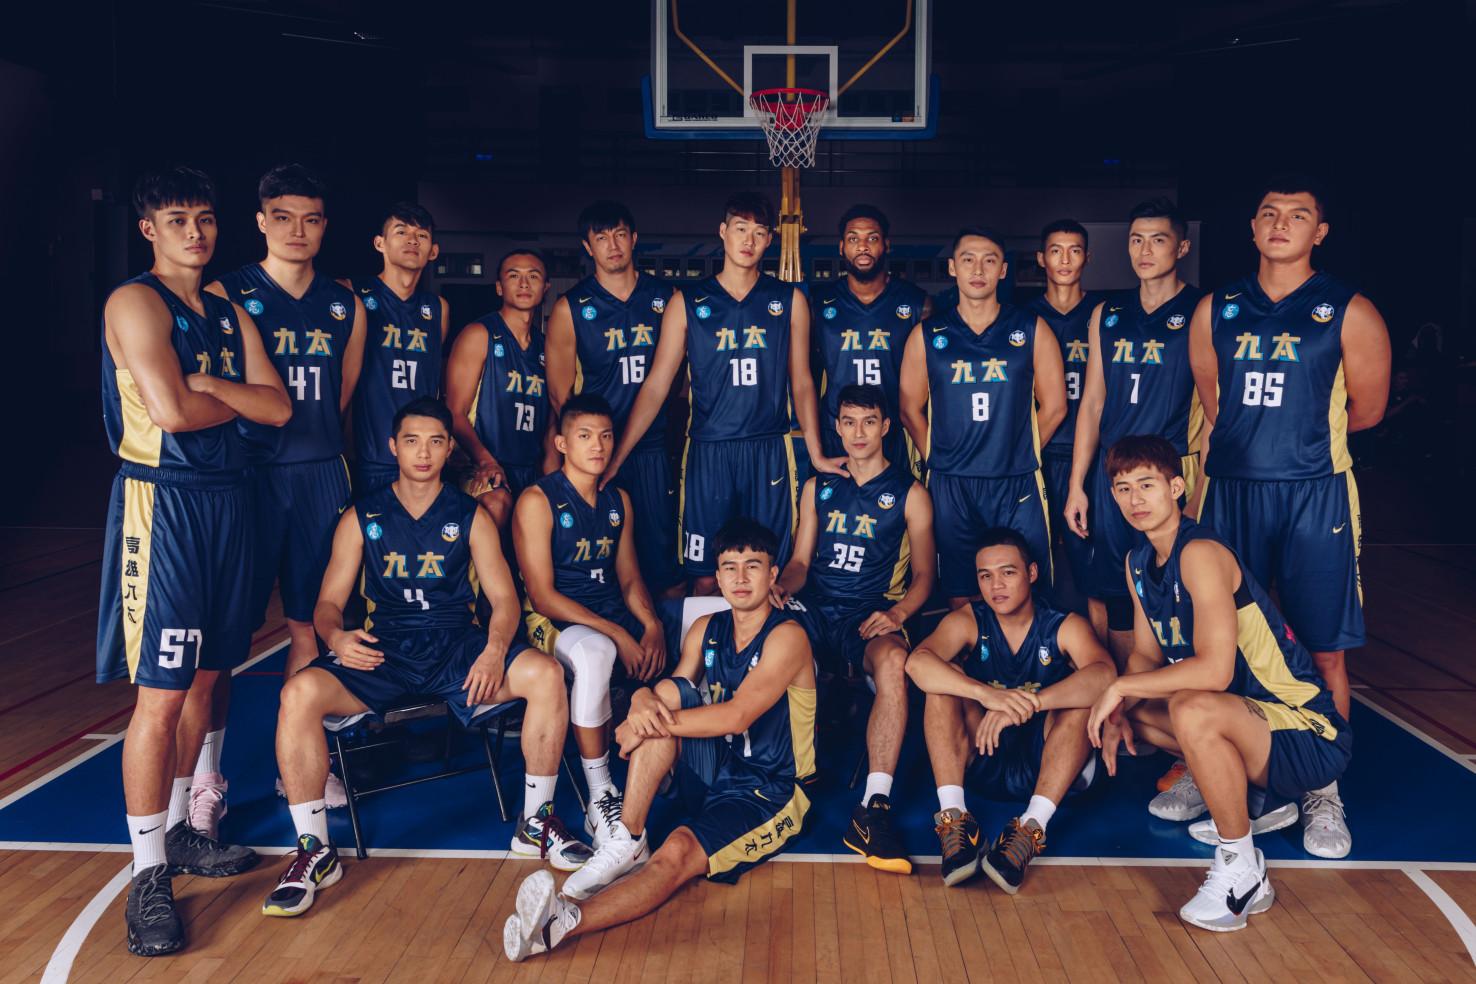 蟄伏-「九太科技」陪伴台灣籃球世代的方式